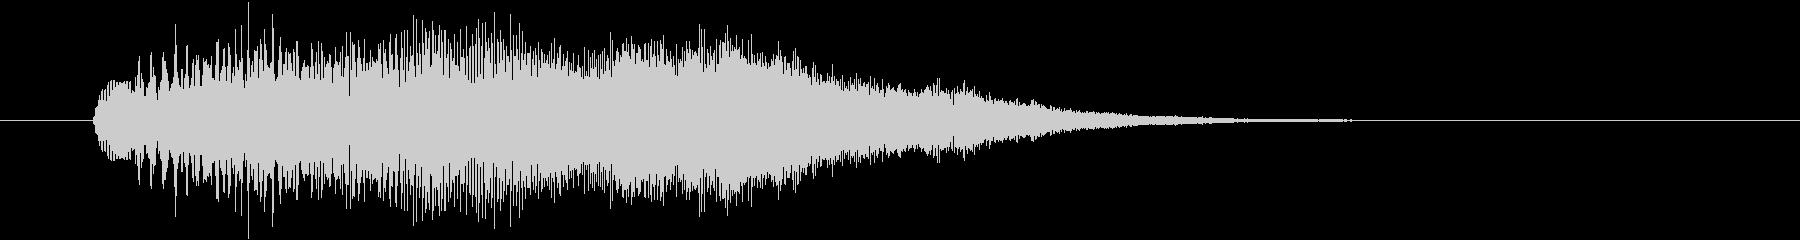 キラキラアルペジオ2の未再生の波形